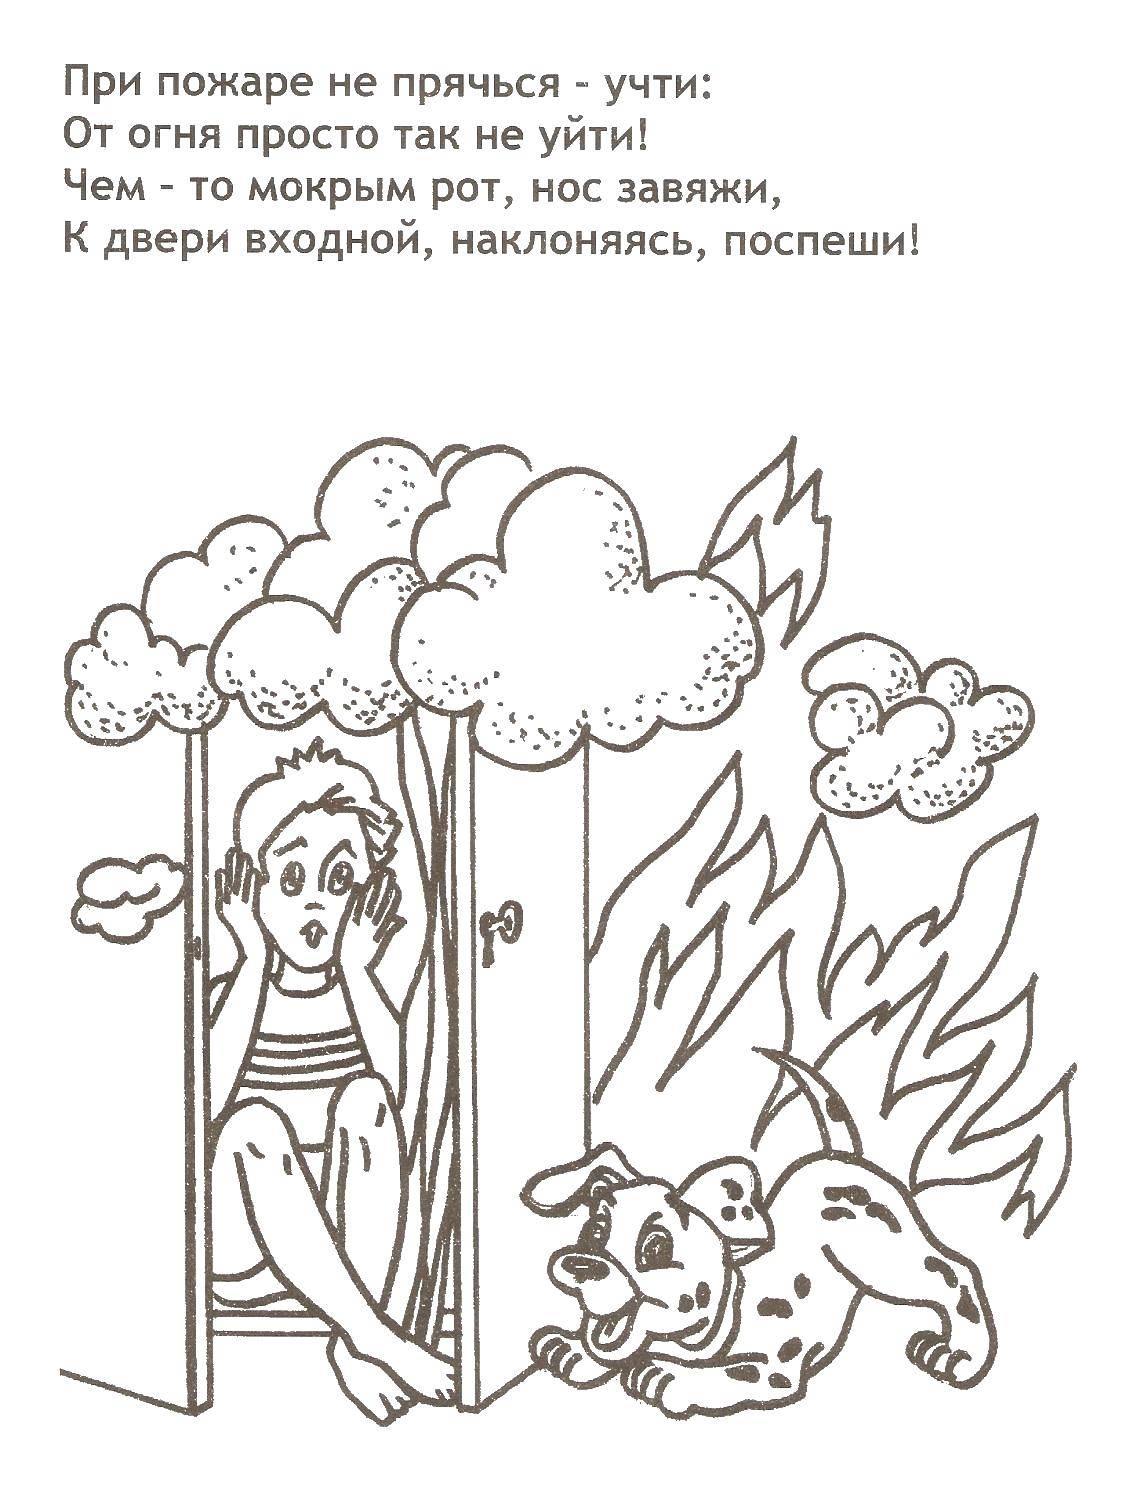 Картинки пожарная безопасность для детей в детском саду разукрасить